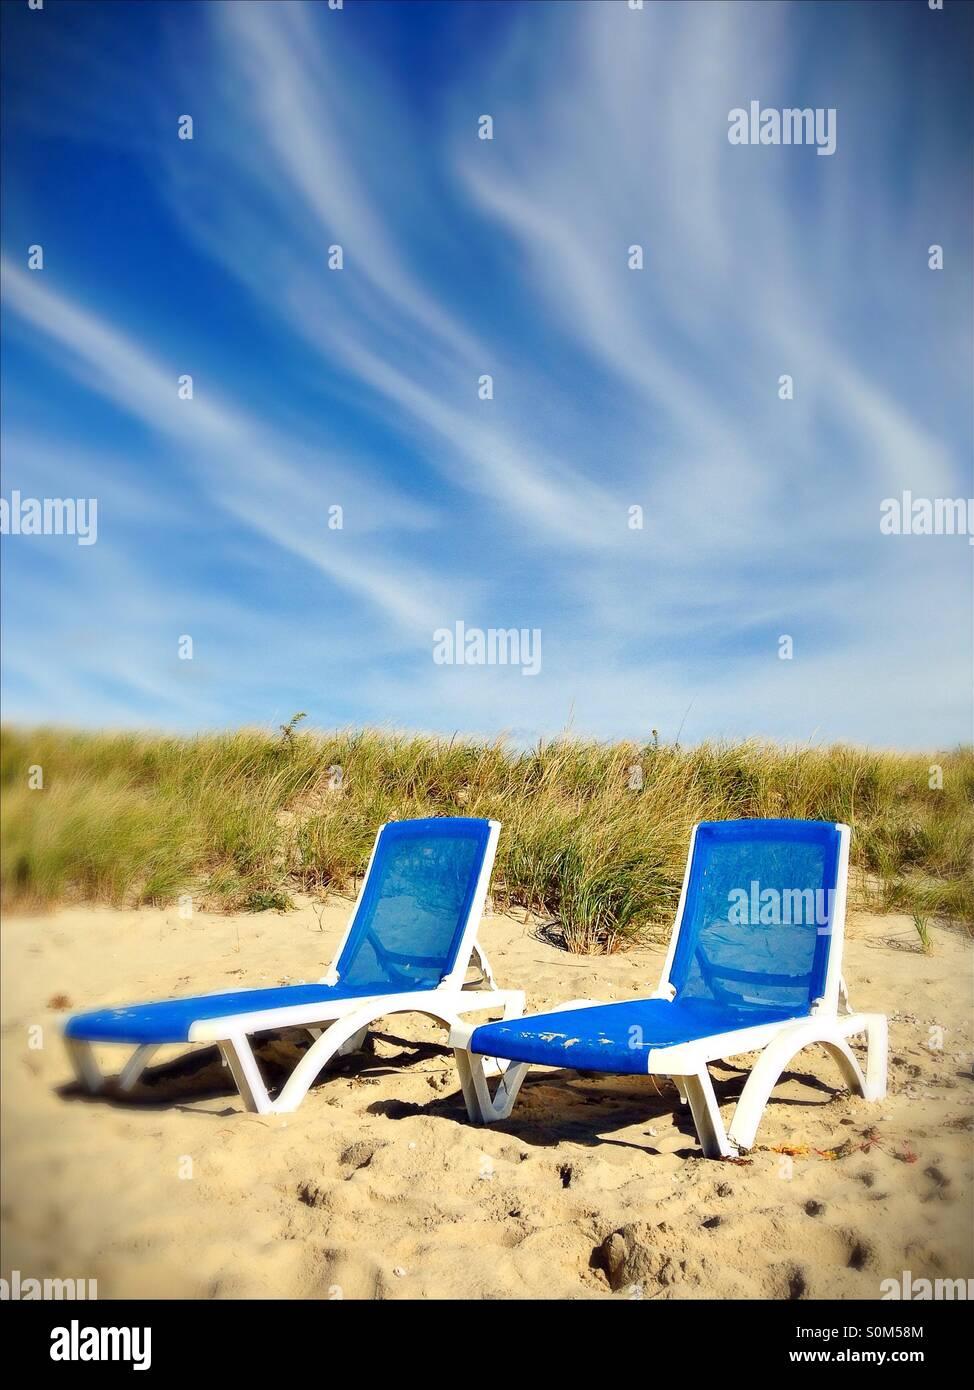 Dos sillas de playa azul en las dunas. Imagen De Stock